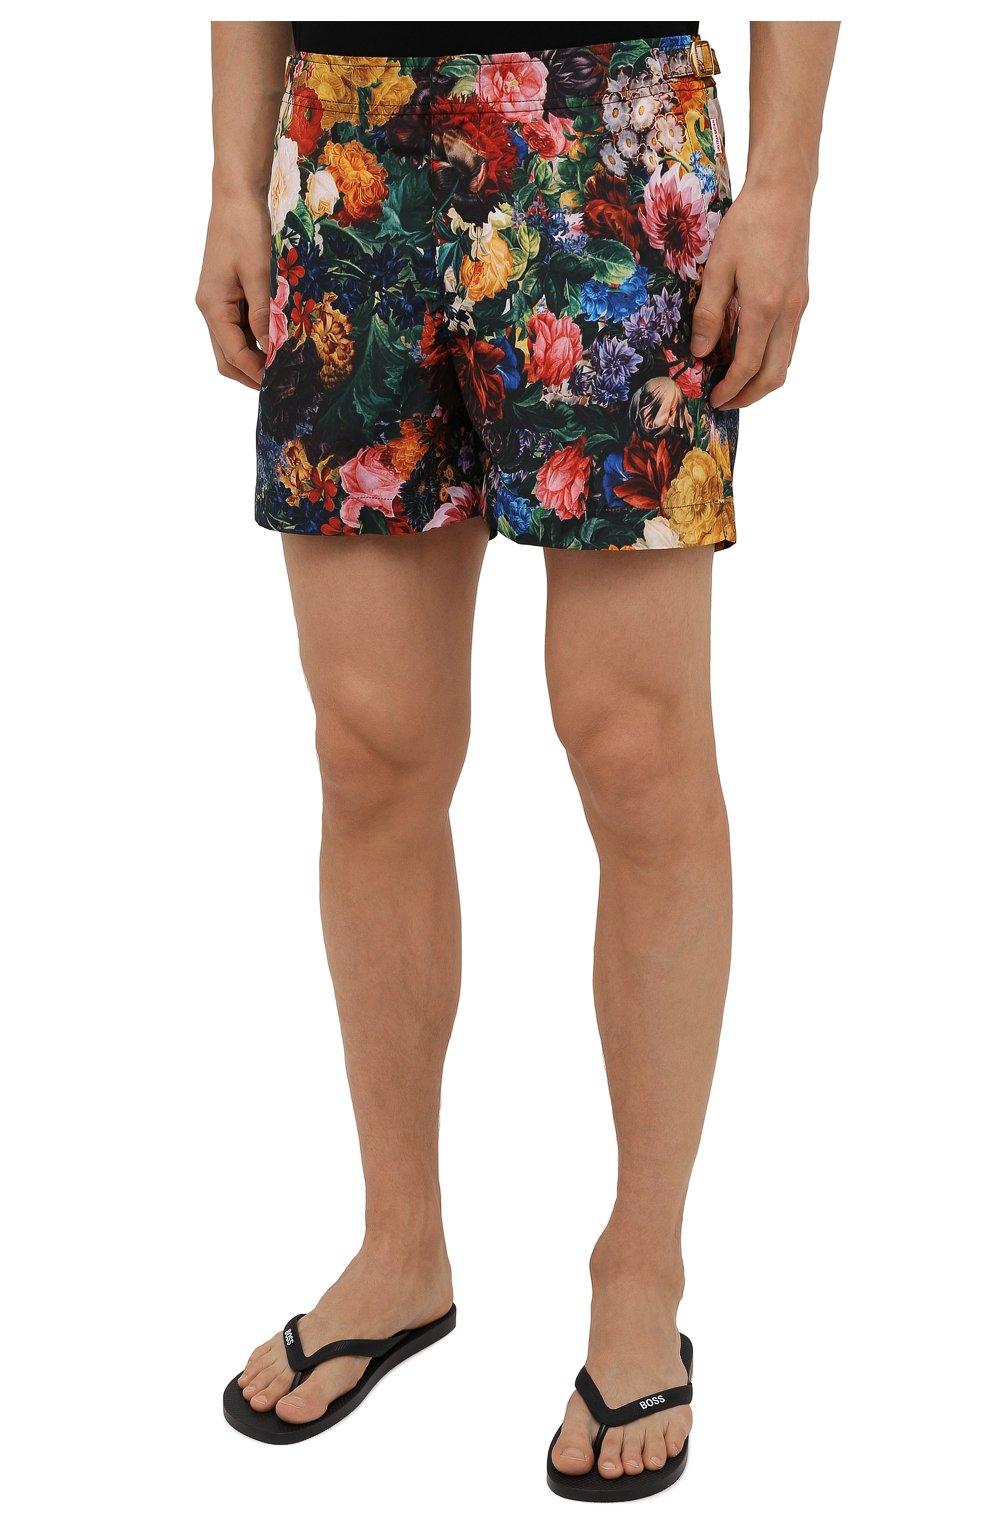 Мужские плавки-шорты ORLEBAR BROWN разноцветного цвета, арт. 274187 | Фото 3 (Материал внешний: Синтетический материал; Принт: С принтом; Мужское Кросс-КТ: плавки-шорты)